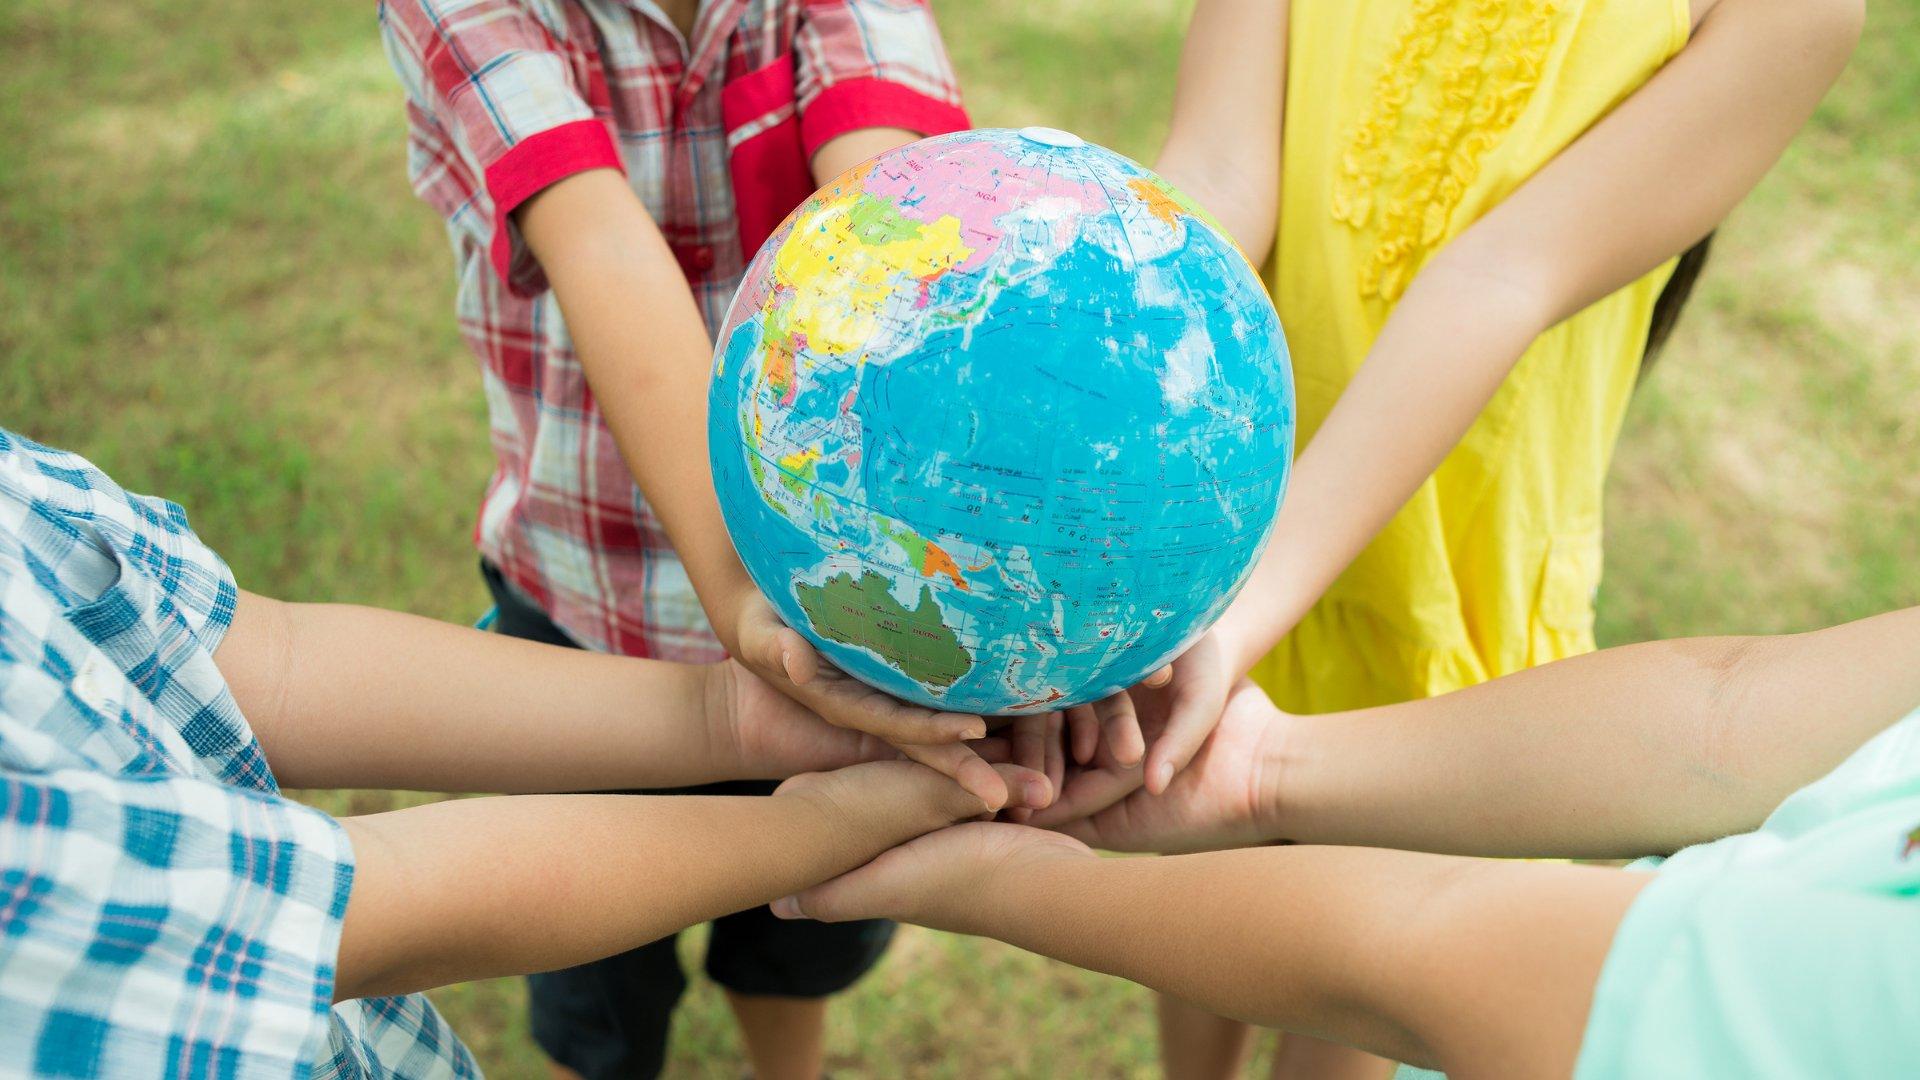 Crianças segurando o globo terrestre em suas mãos